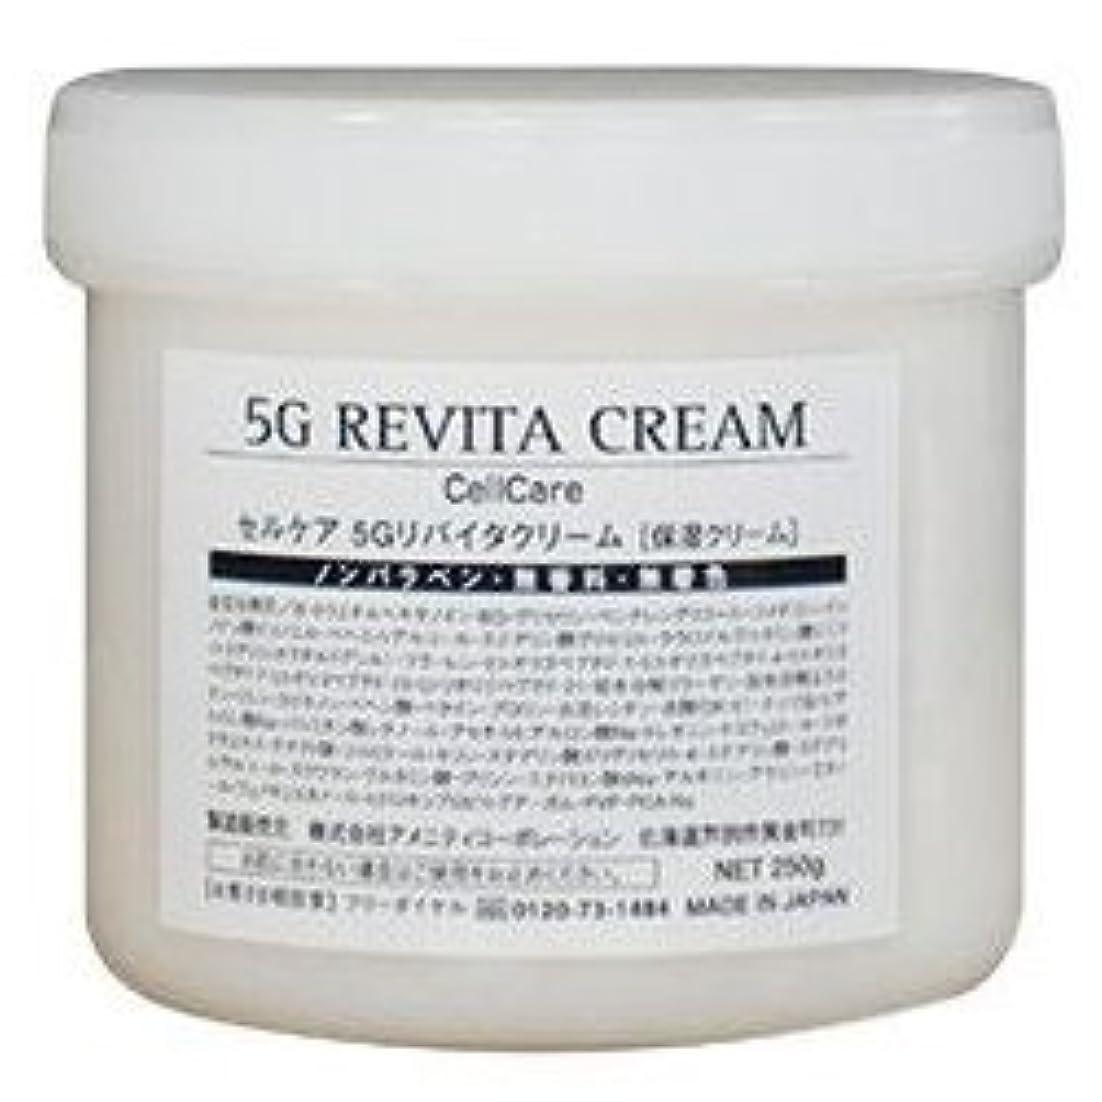 女王助手同盟セルケアGF プレミアム 5Gリバイタルクリーム 保湿クリーム お徳用250g